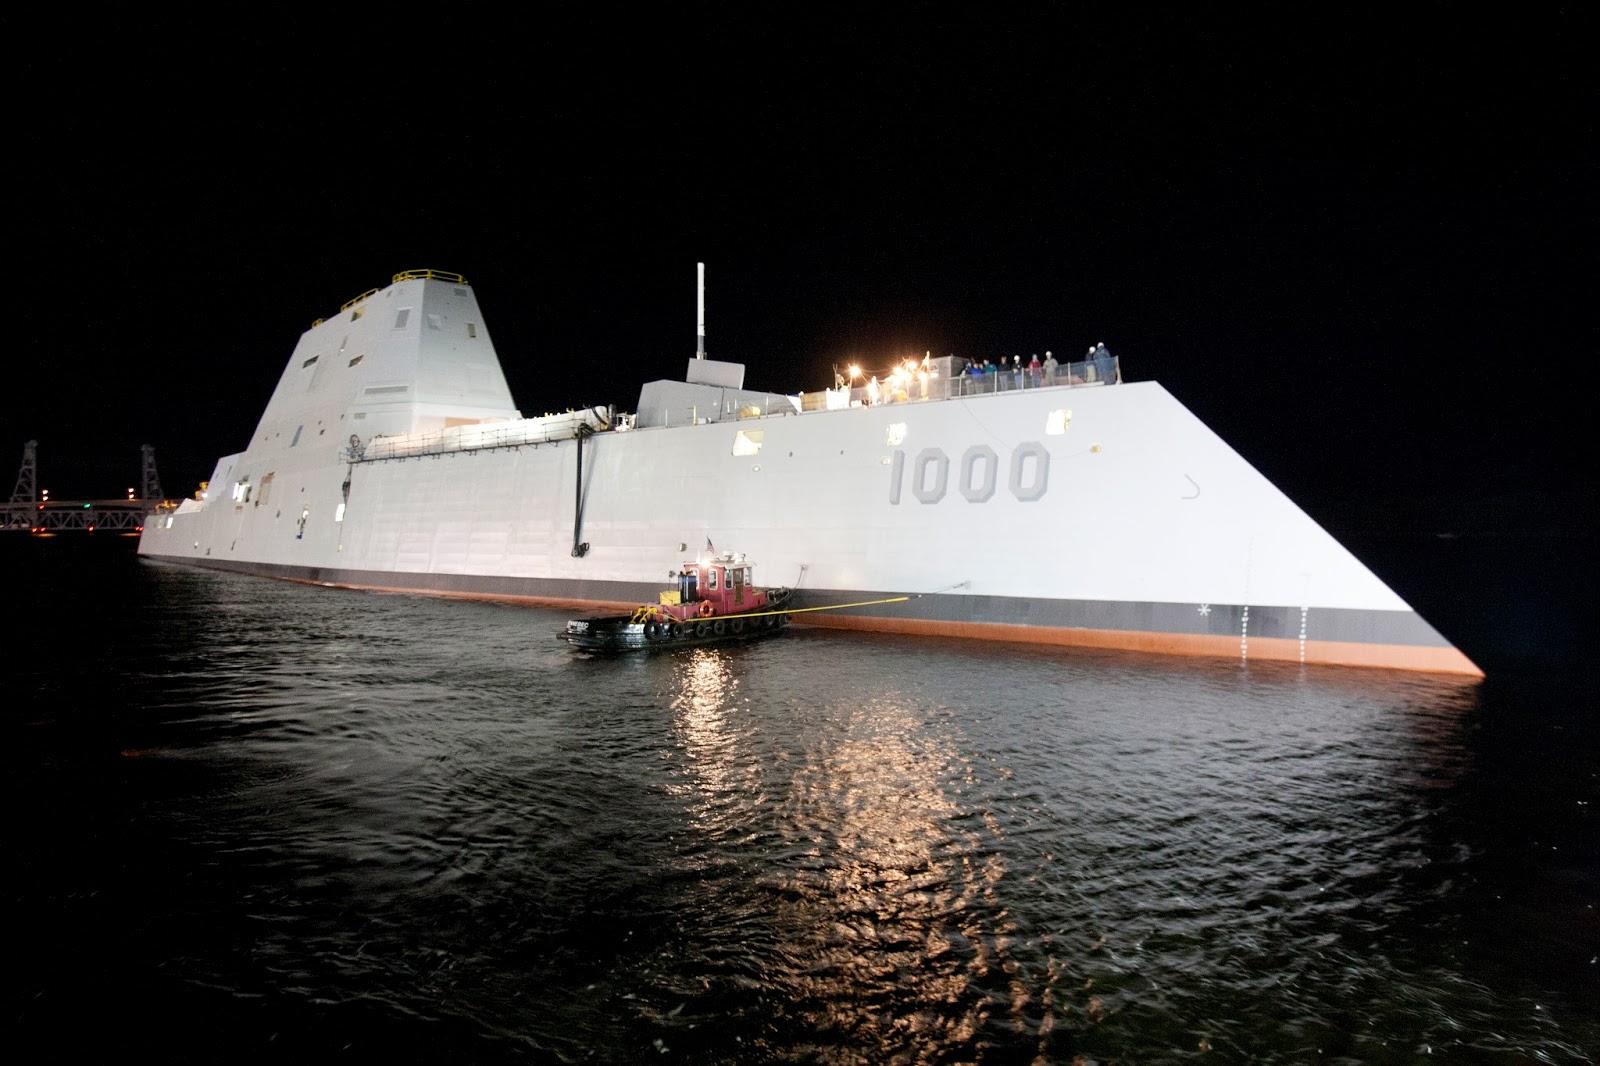 Uss Ddg 1000 Zumwalt Stealth Guided Missile Destroyer